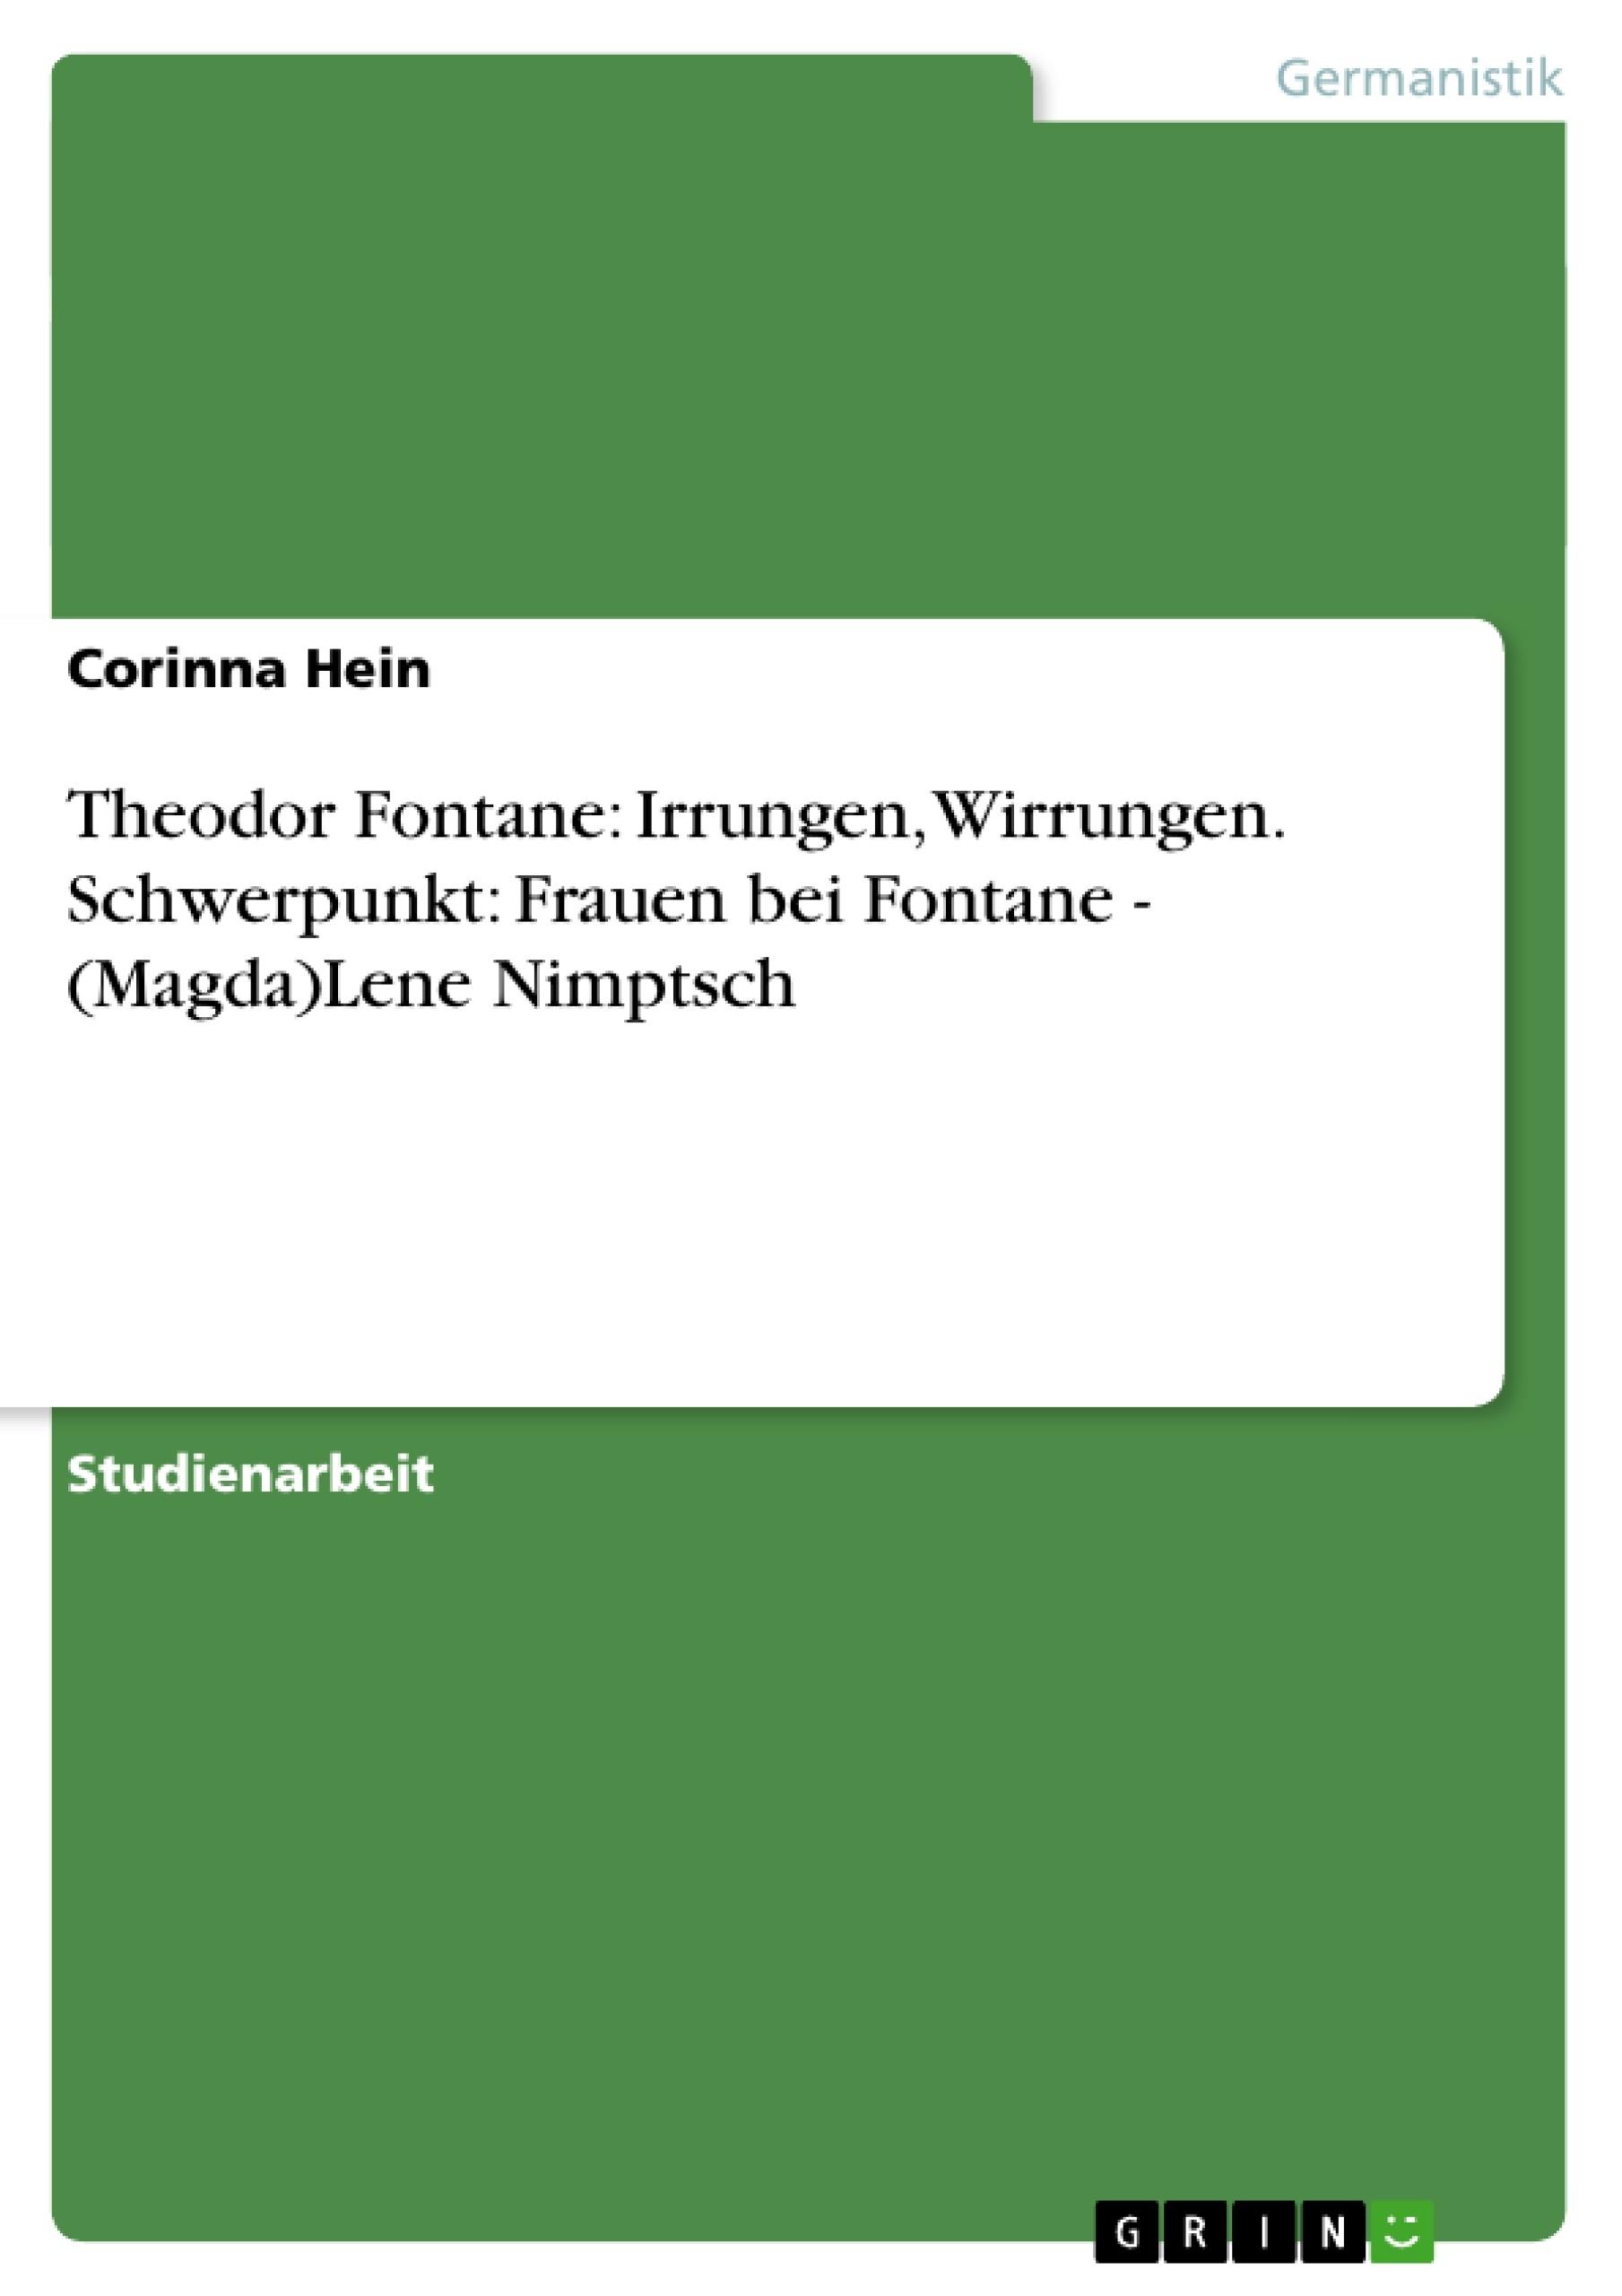 Titel: Theodor Fontane: Irrungen, Wirrungen. Schwerpunkt: Frauen bei Fontane - (Magda)Lene Nimptsch